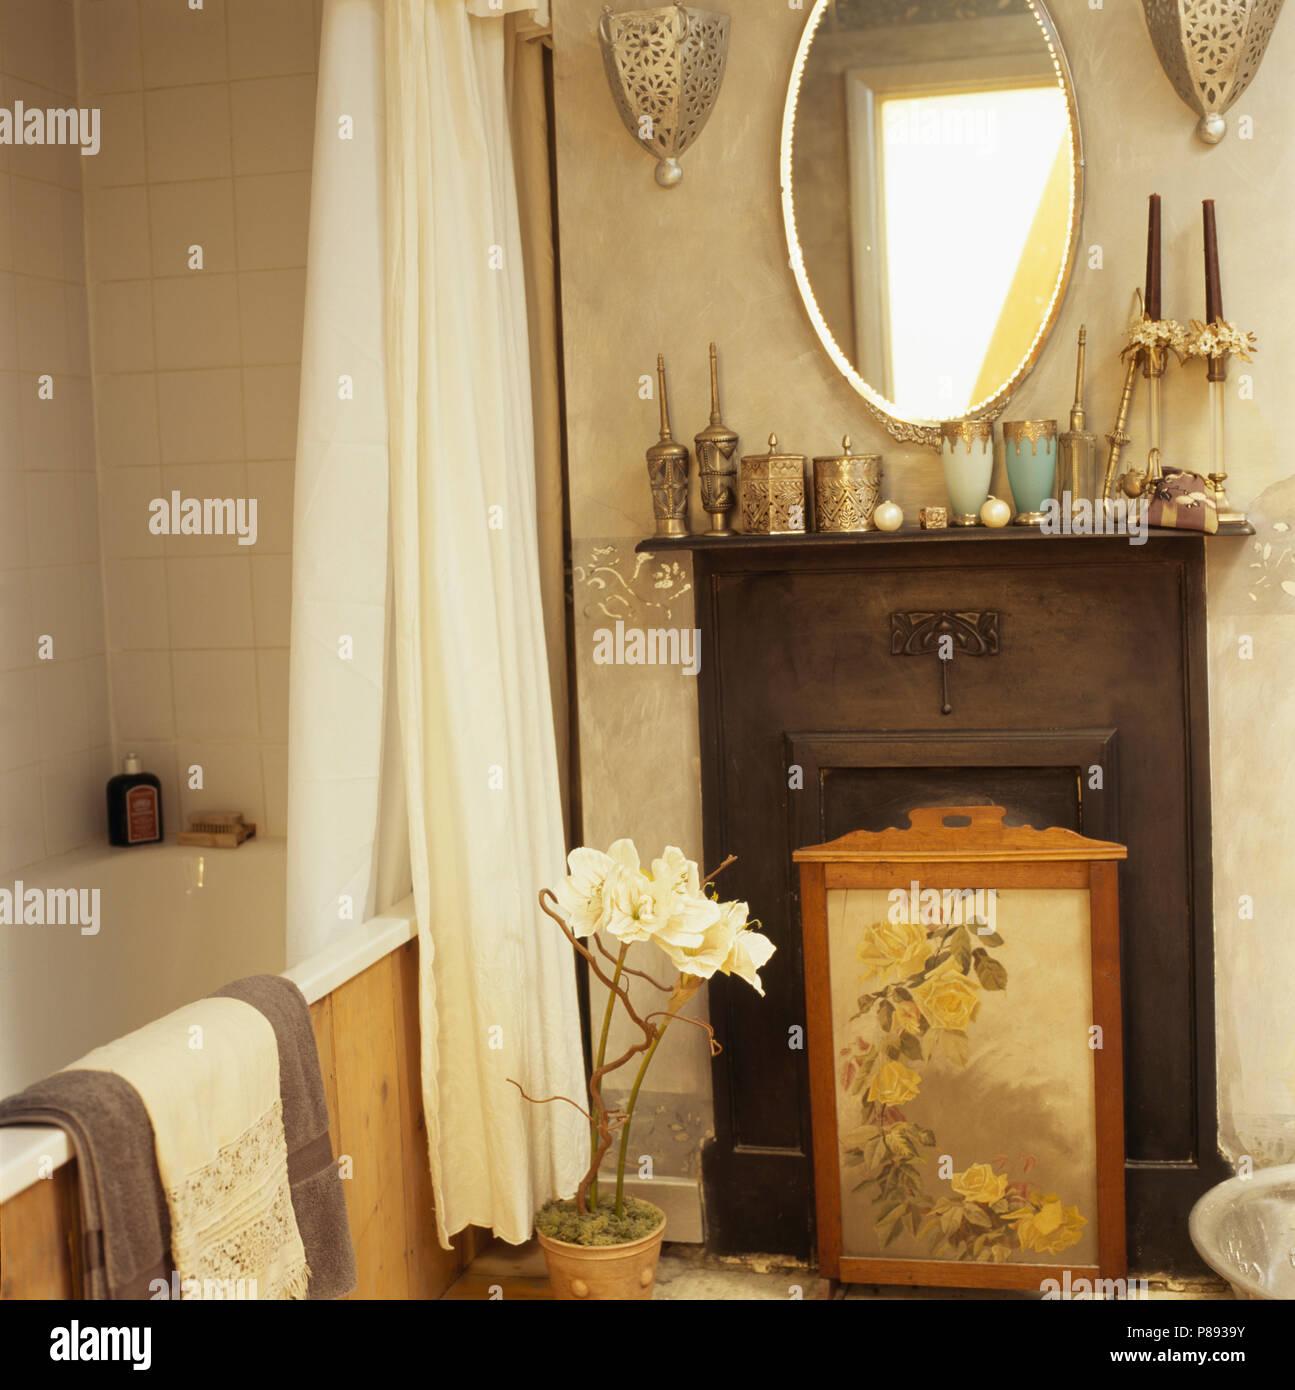 miroir ovale au-dessus petite cheminée en fonte avec porte vitrée